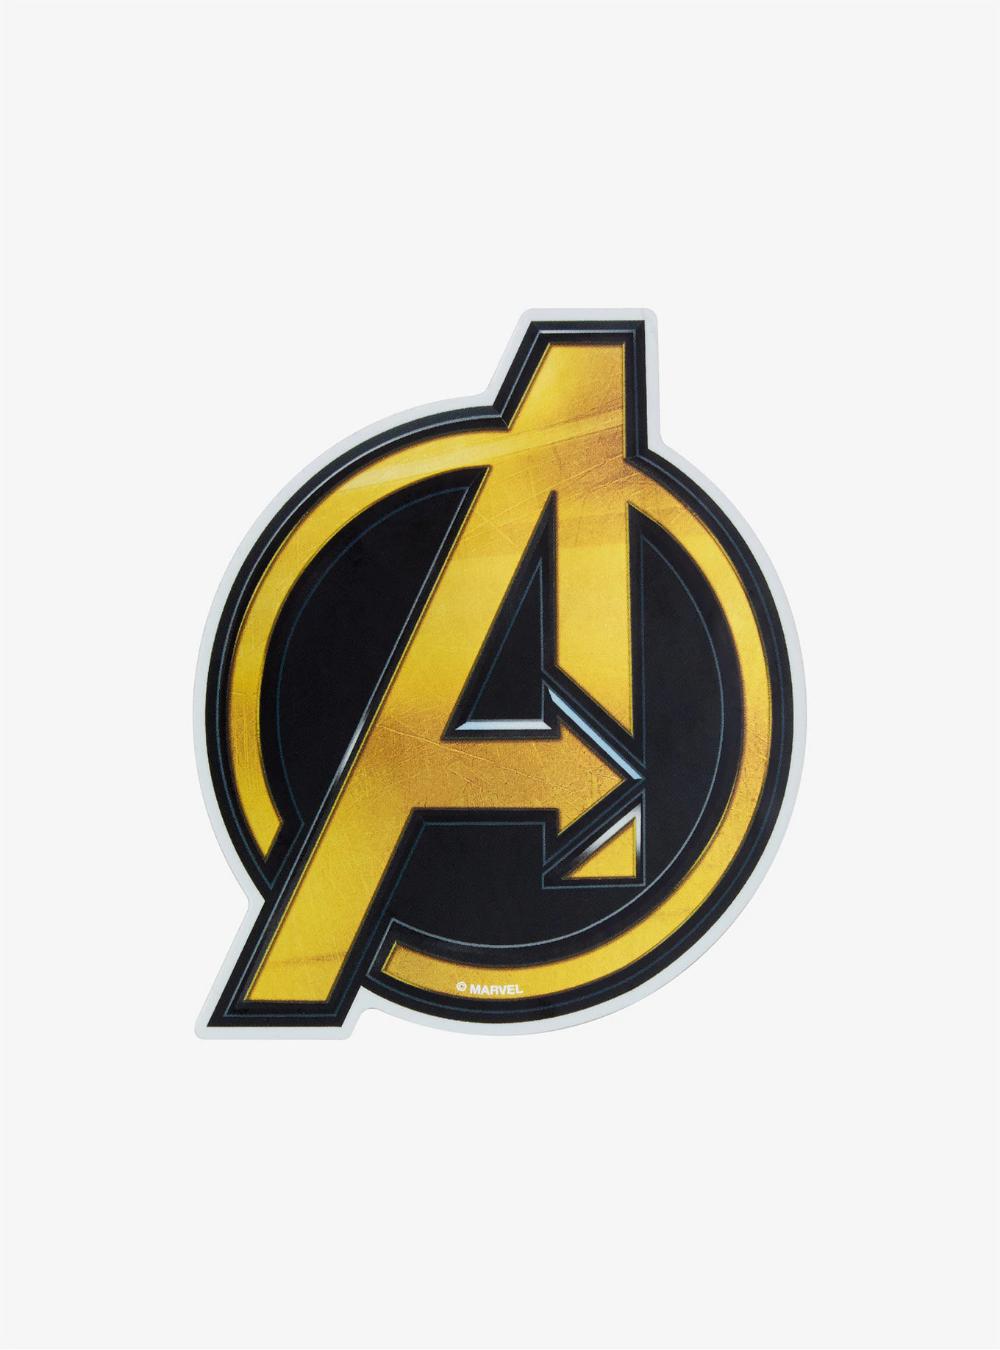 Marvel Avengers Logo Decal Avengers Logo Avengers Decals Marvel Avengers [ 1350 x 1000 Pixel ]